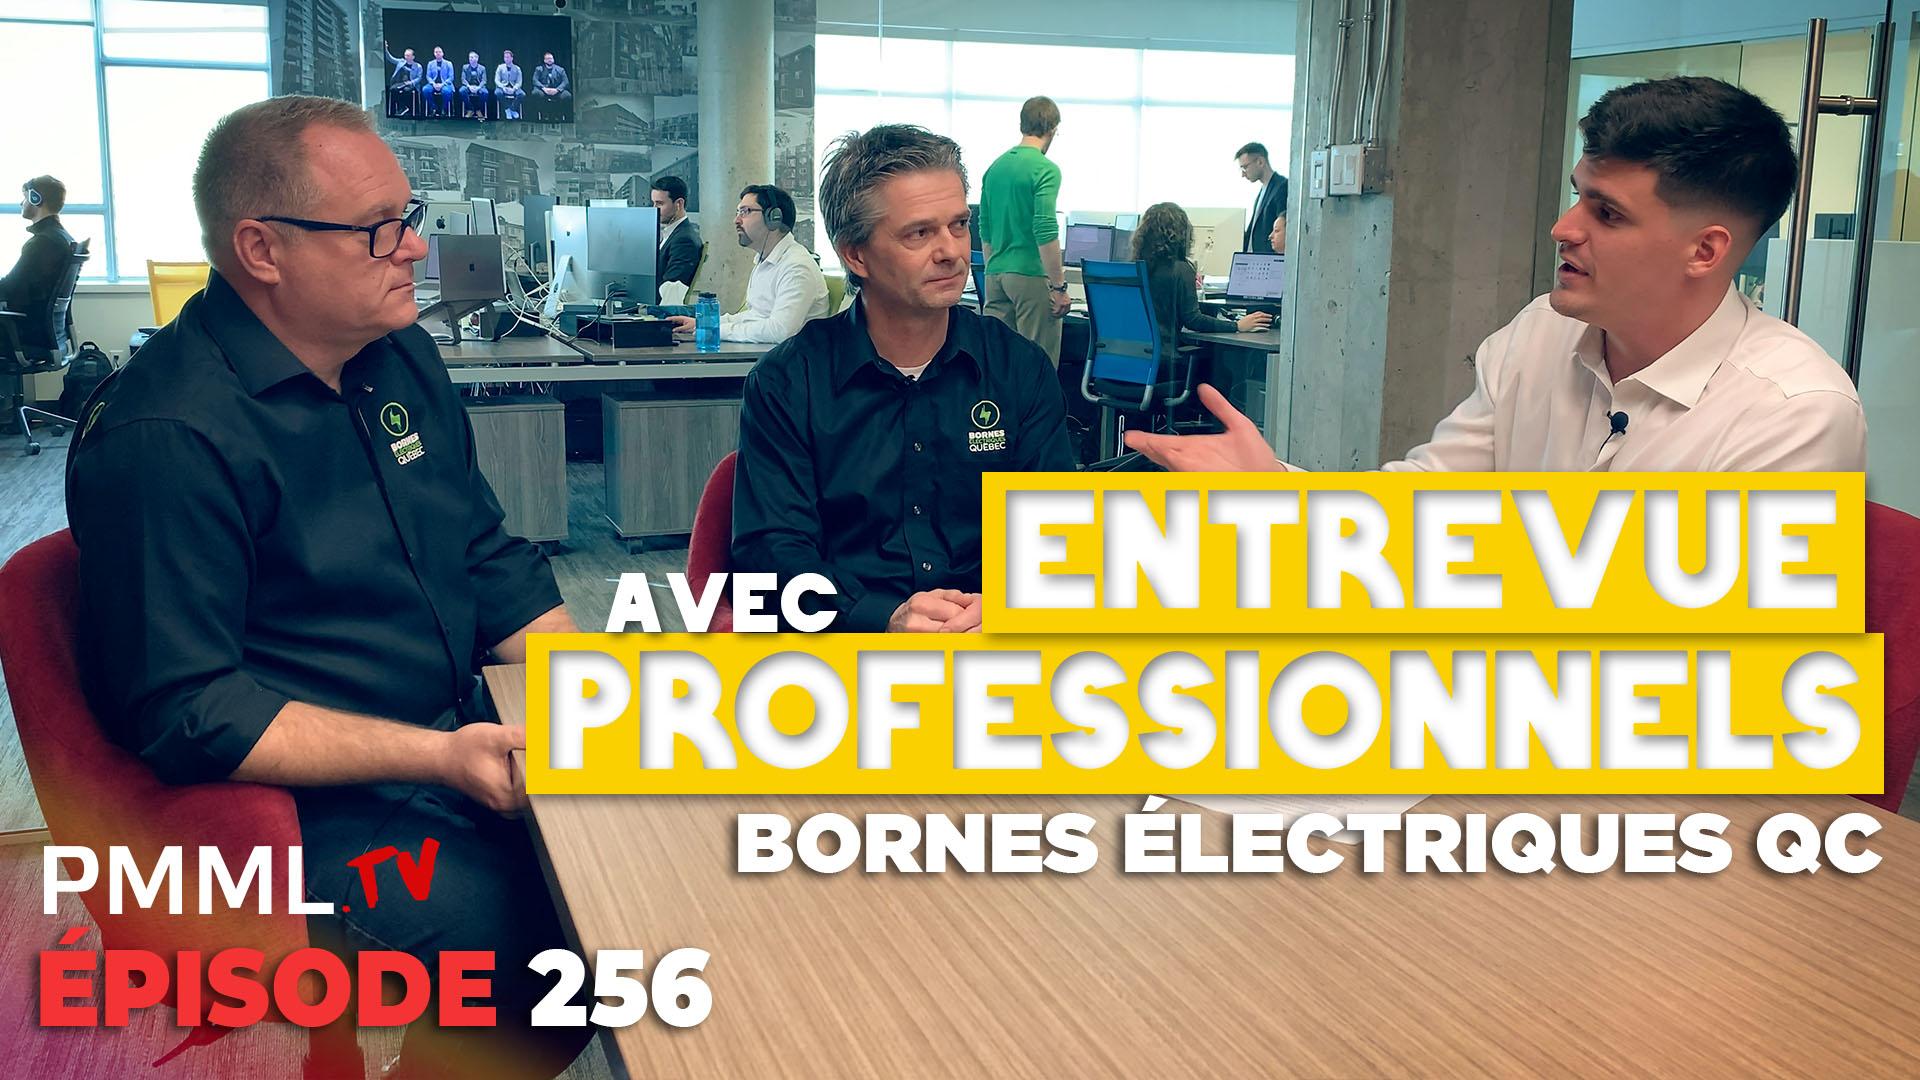 bornes électriques québec - François Nepveu